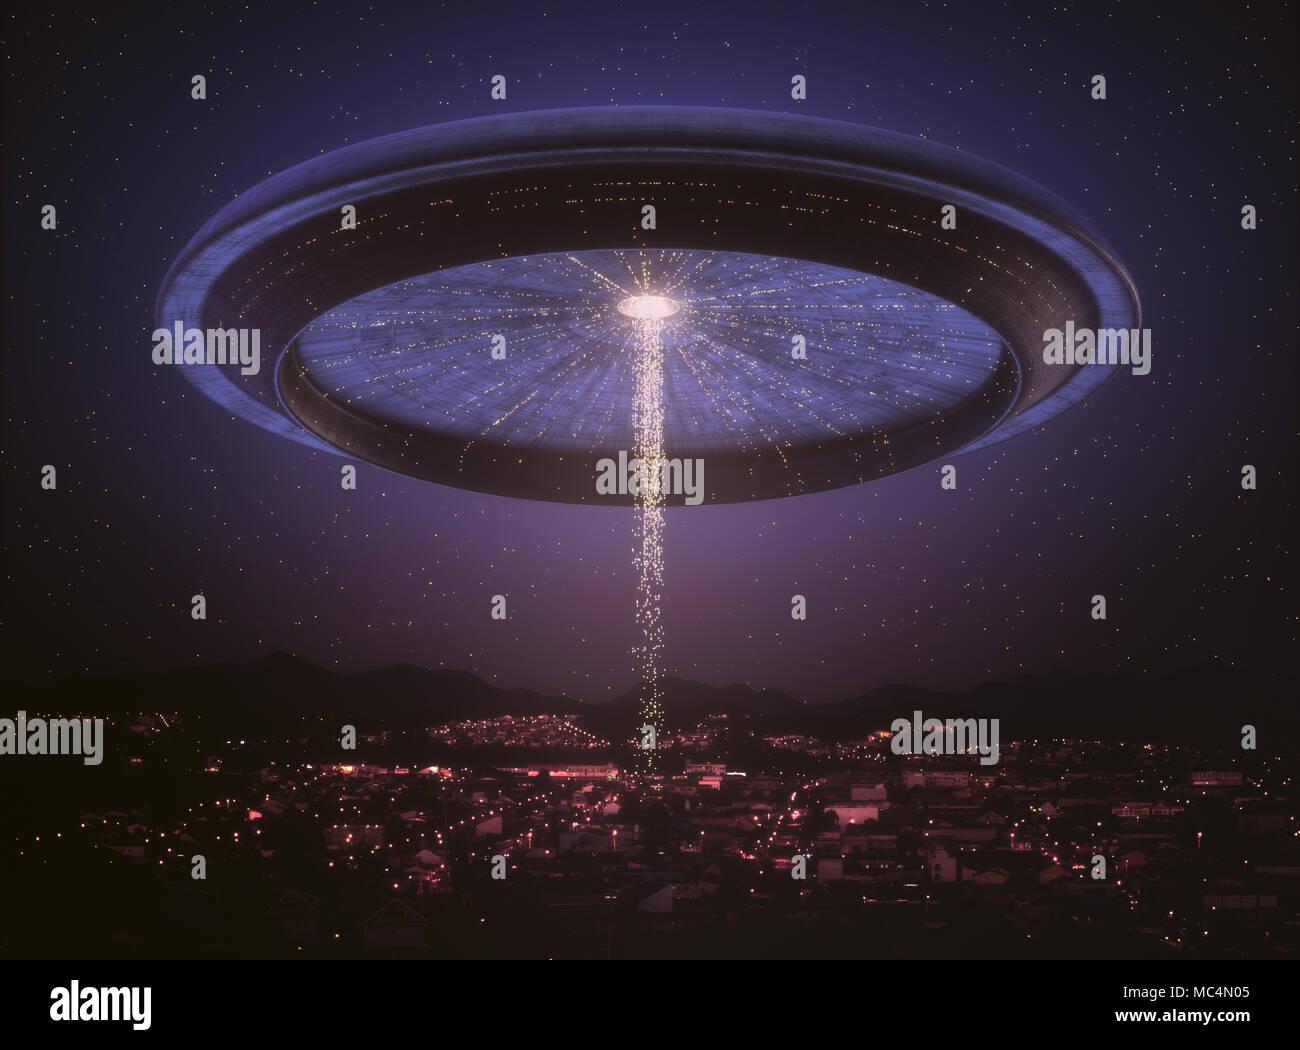 3D'illustrazione. Spazio nave aliena UFO oltre la città. Immagine concettuale del ufology. Foto Stock